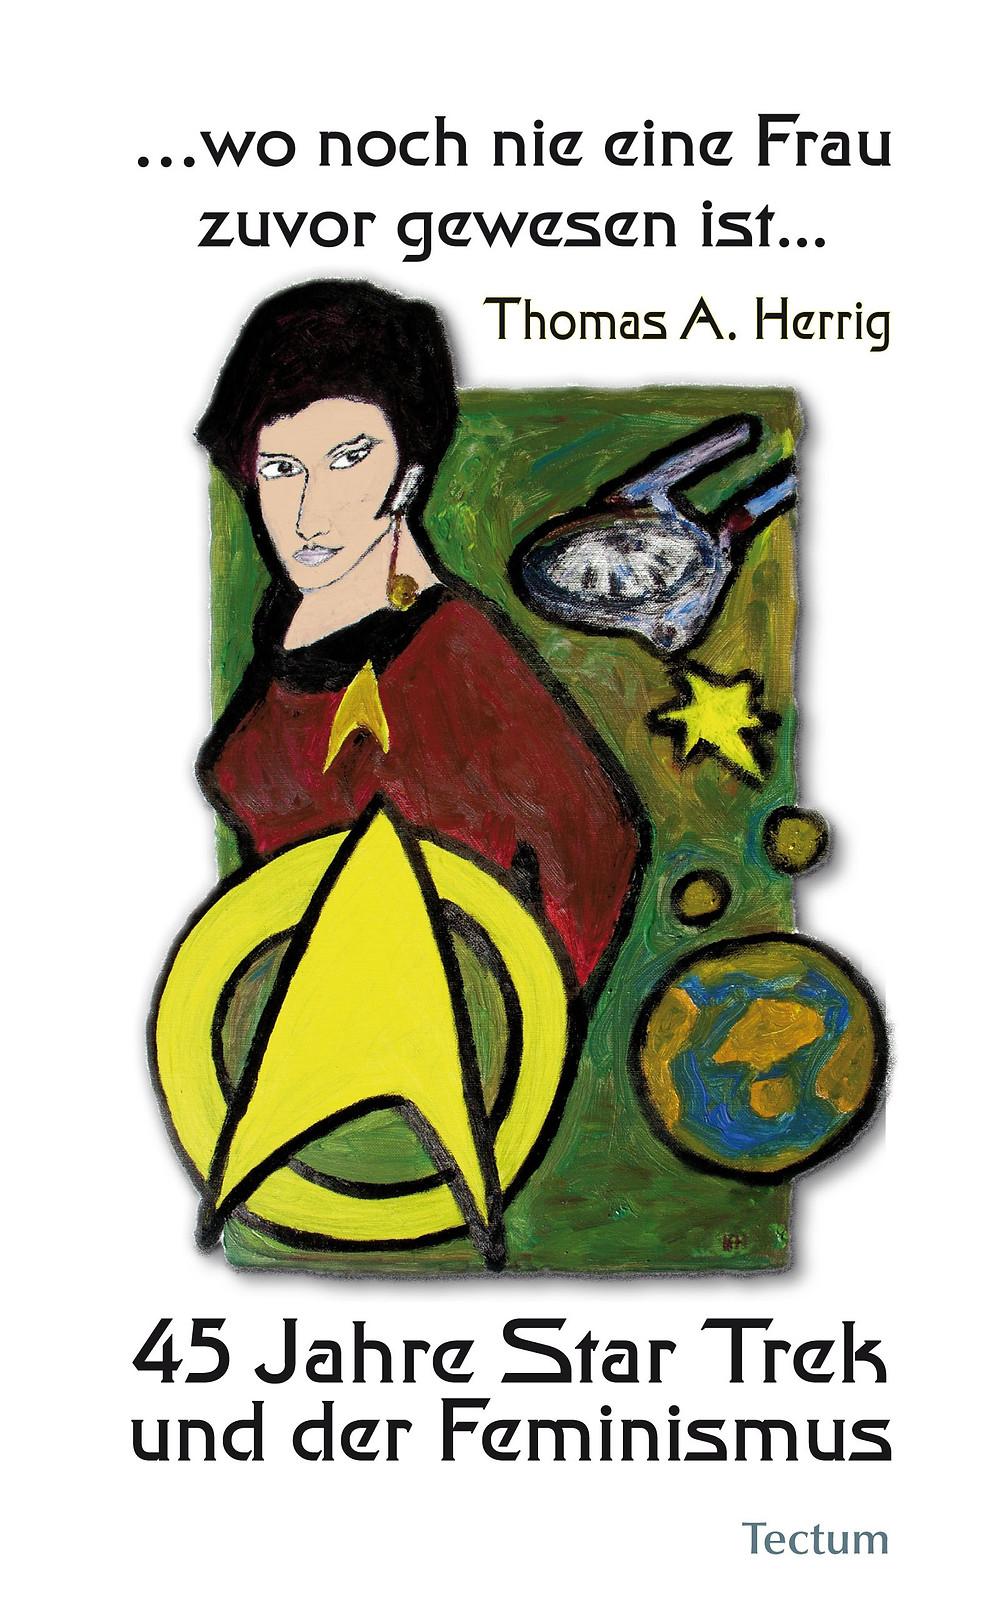 45 Jahre Star Trek und der Feminismus